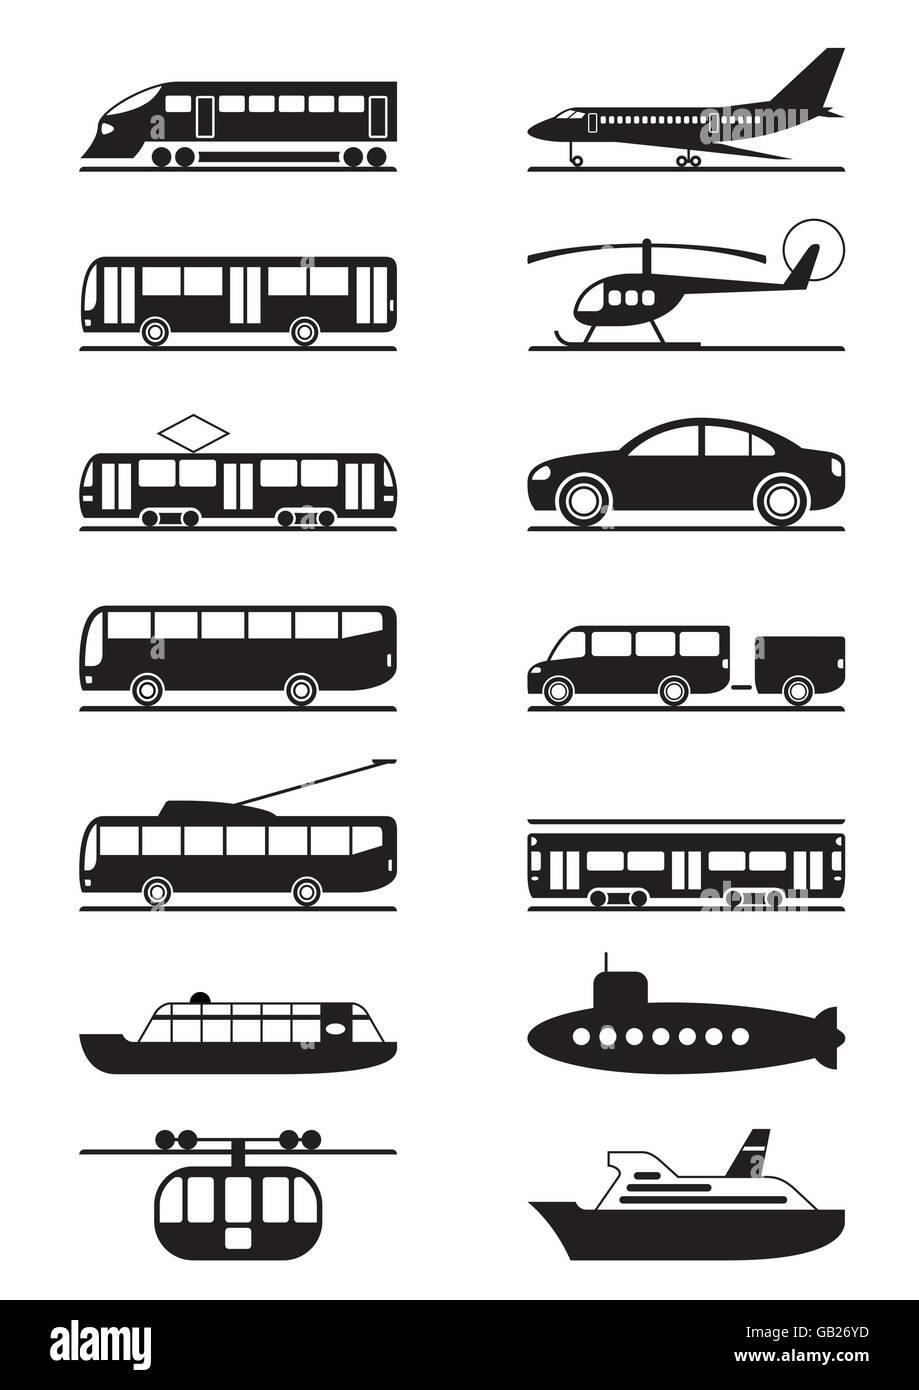 Y el transporte público de pasajeros - ilustración vectorial Imagen De Stock